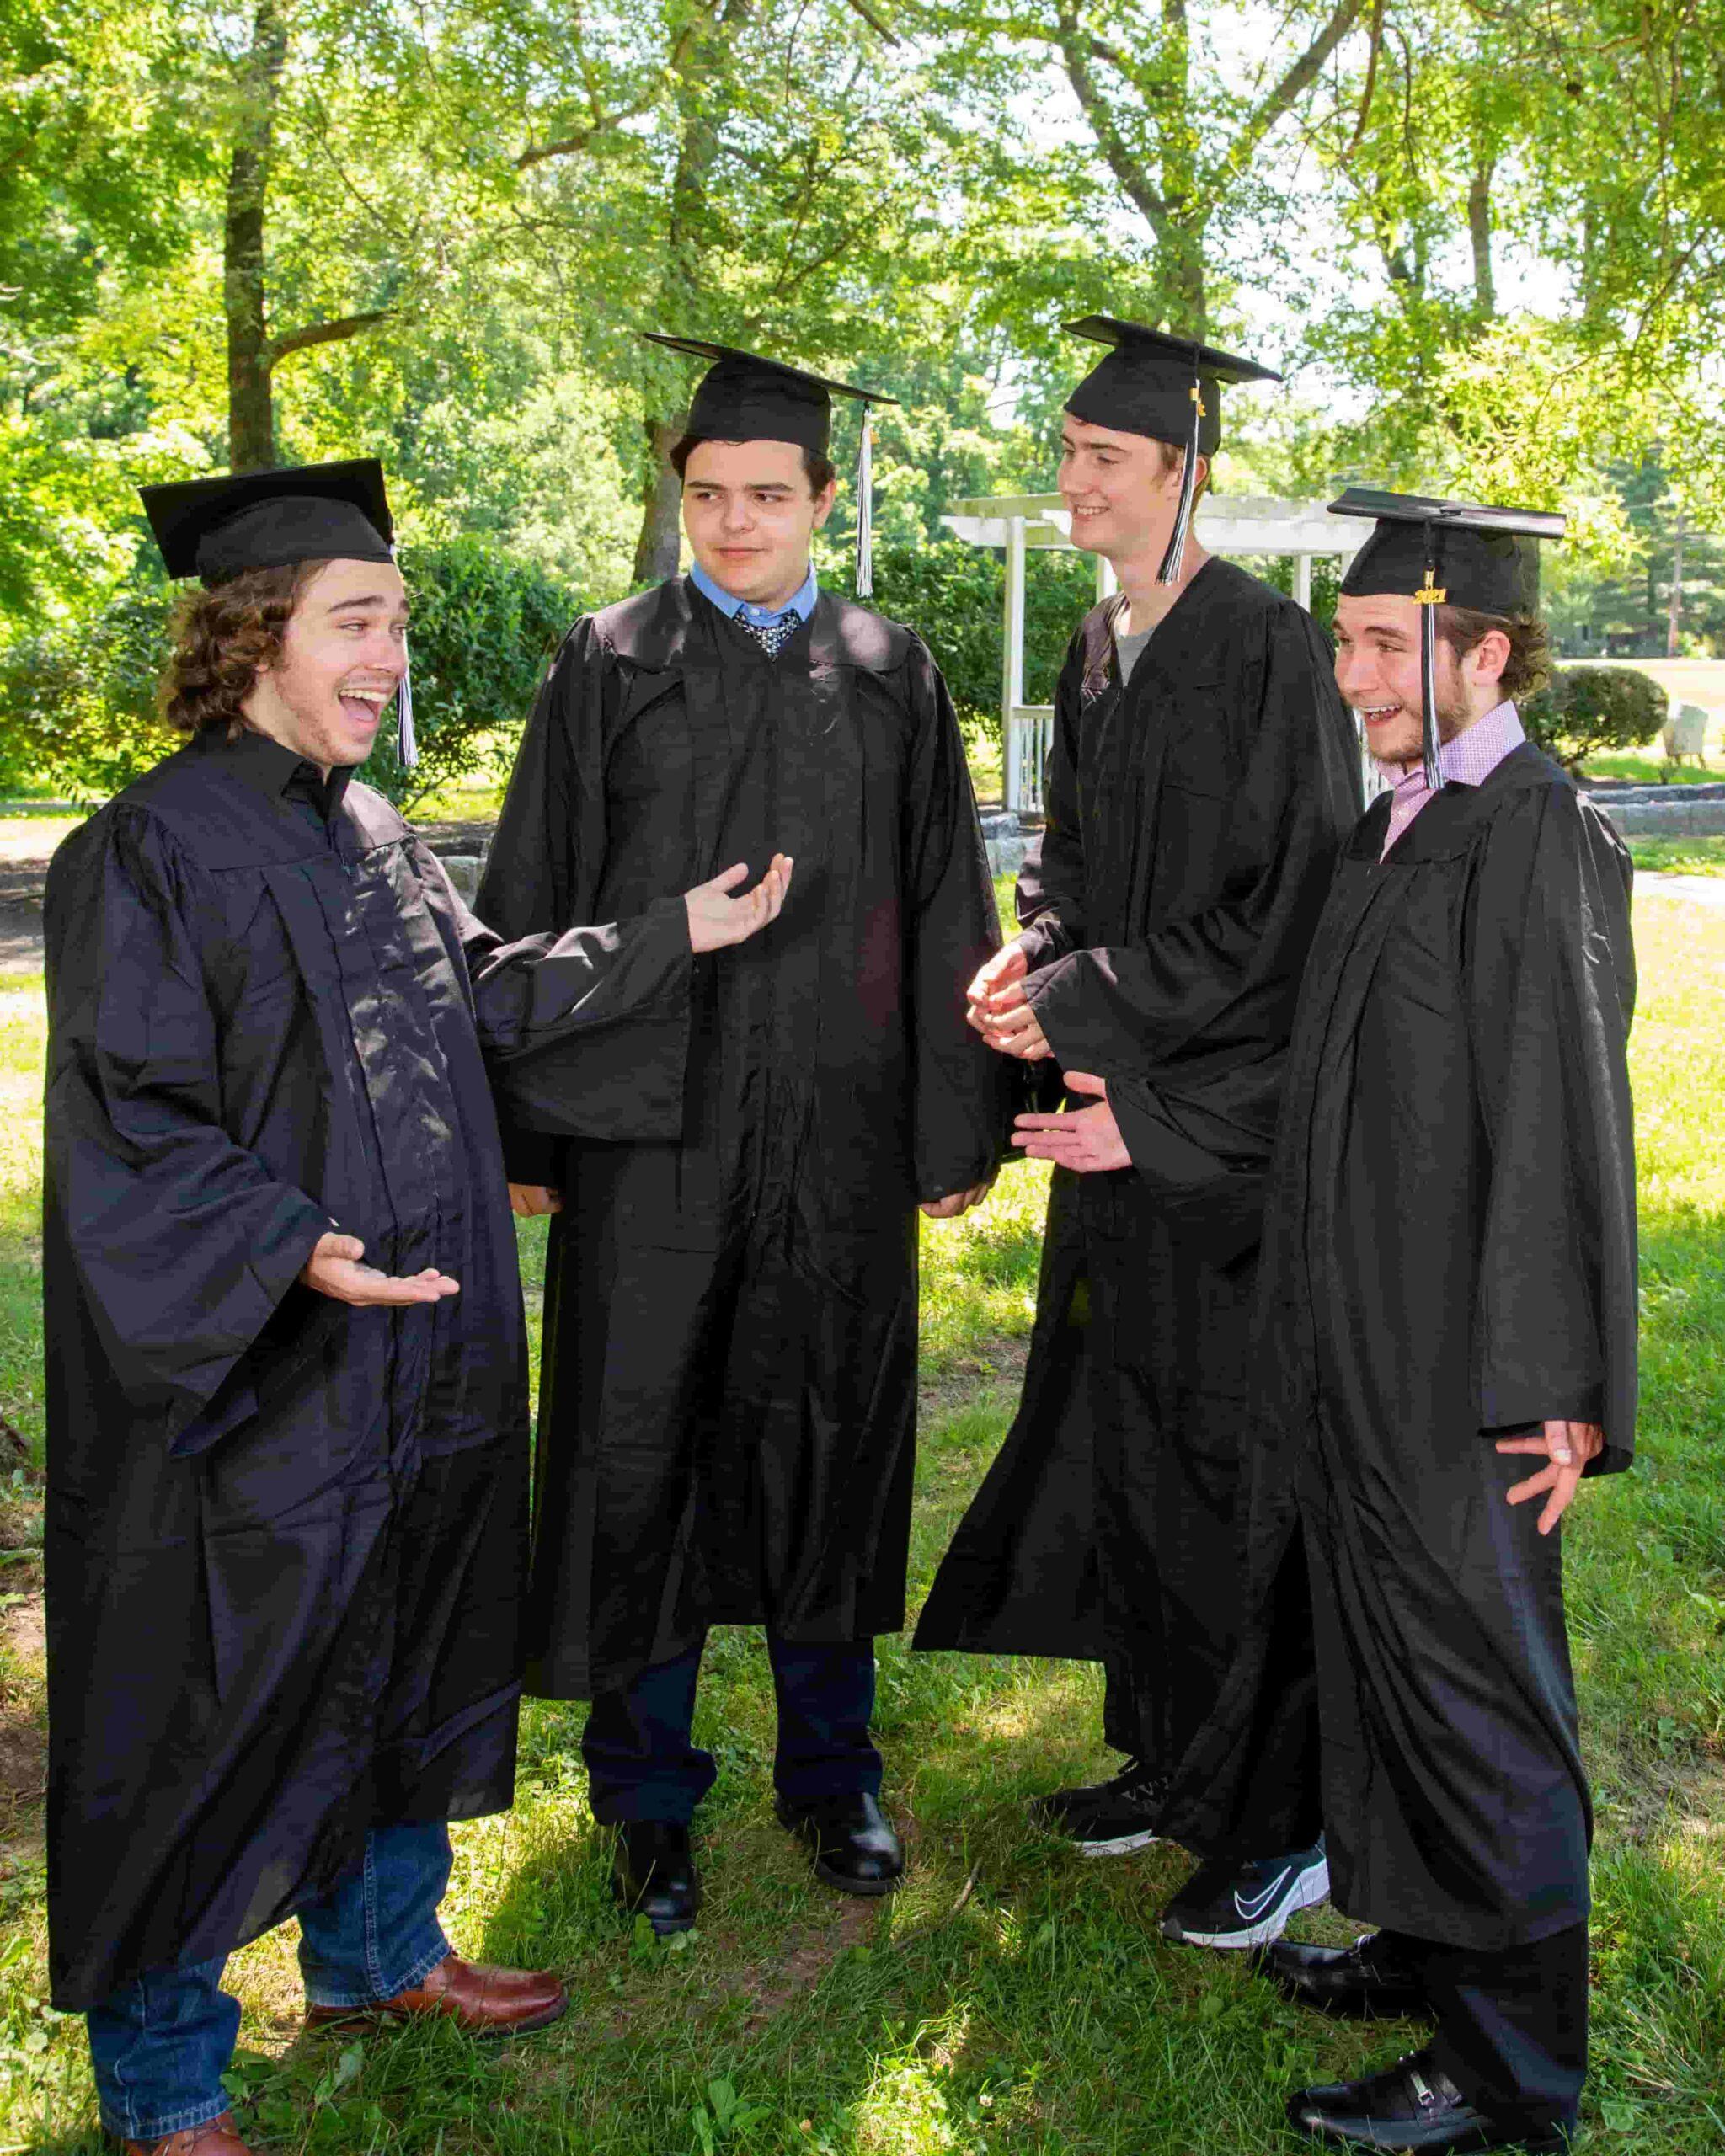 Graduation Senior Pictures Burlington County NJ